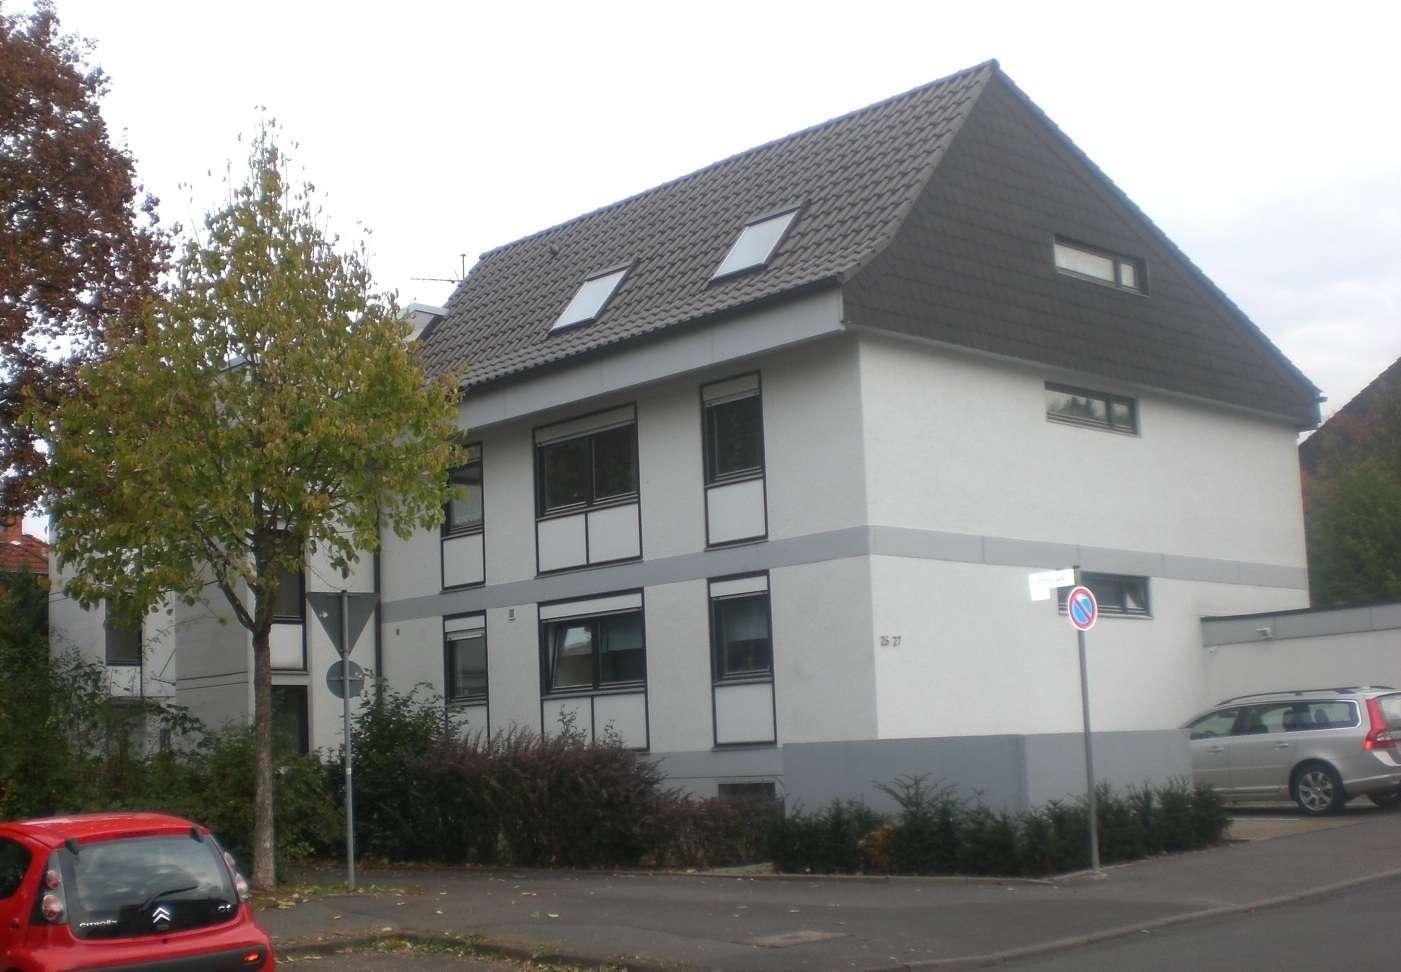 Gepflegte 3-Zimmer-Erdgeschosswohnung mit Balkon in Aschaffenburg zu vermieten in Stadtmitte (Aschaffenburg)